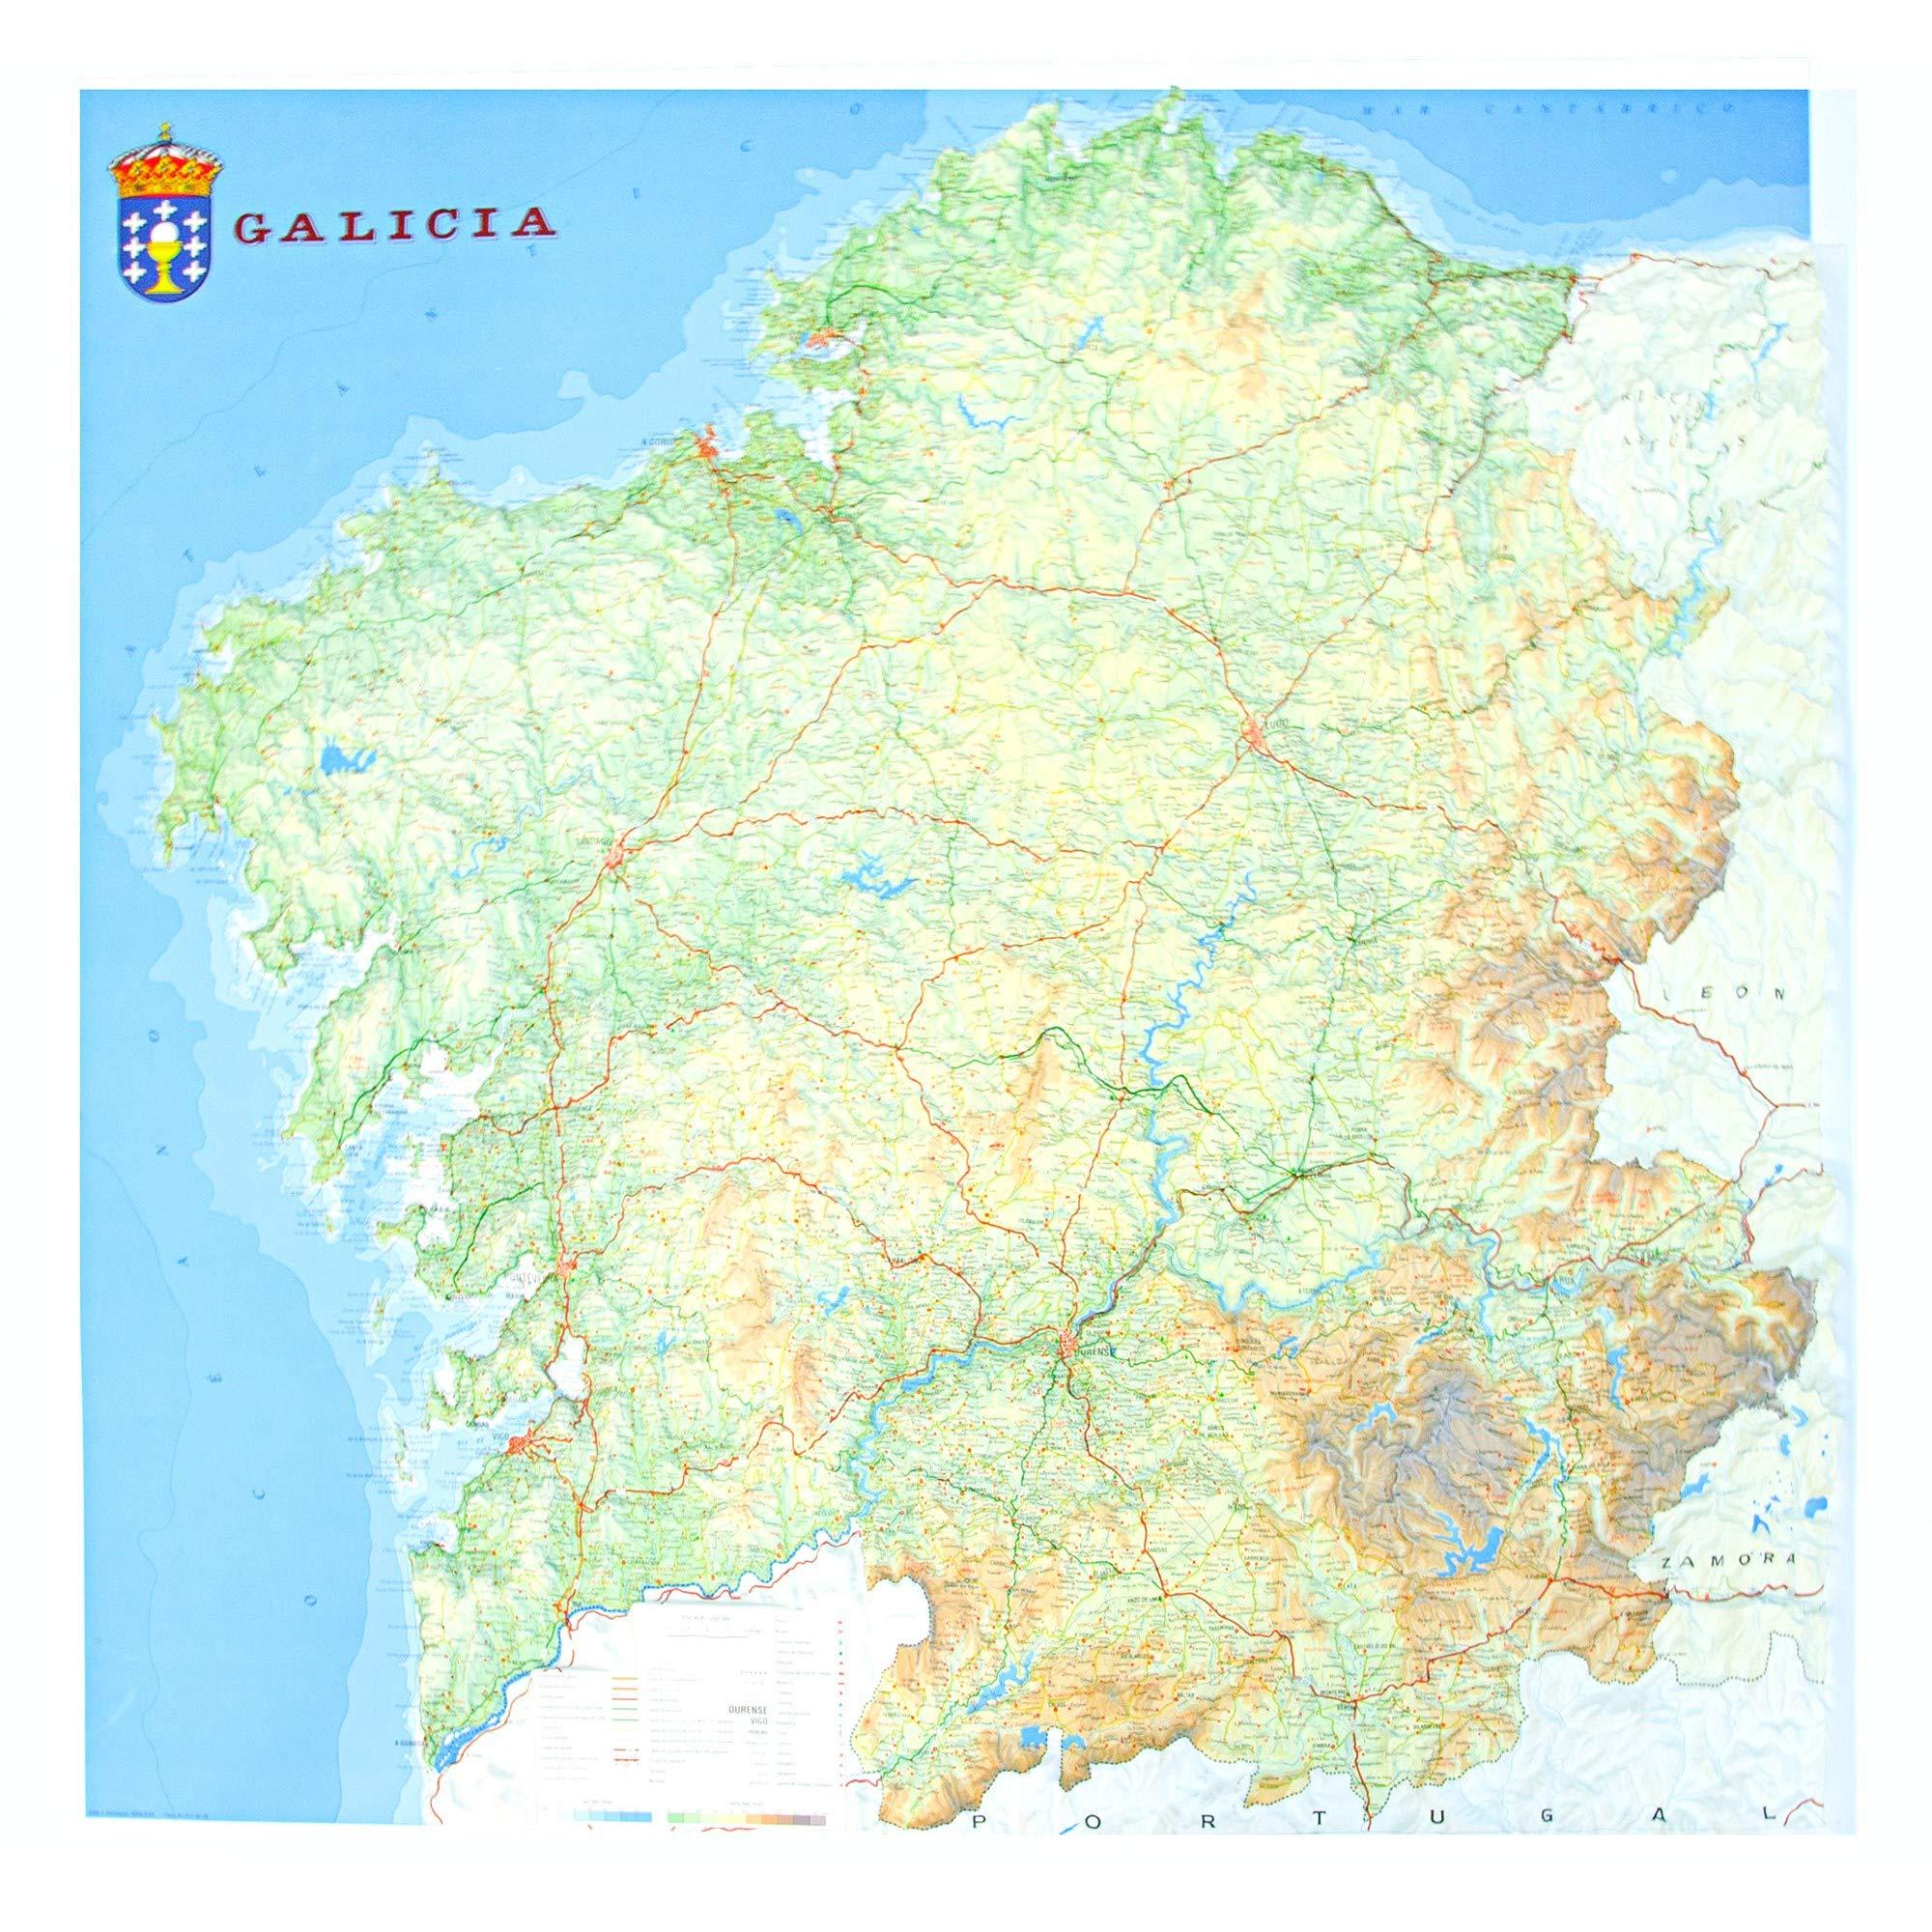 Cabo Ortegal Mapa Fisico.Mapa En Relieve De Galicia Escala 1 250 000 Amazon Es